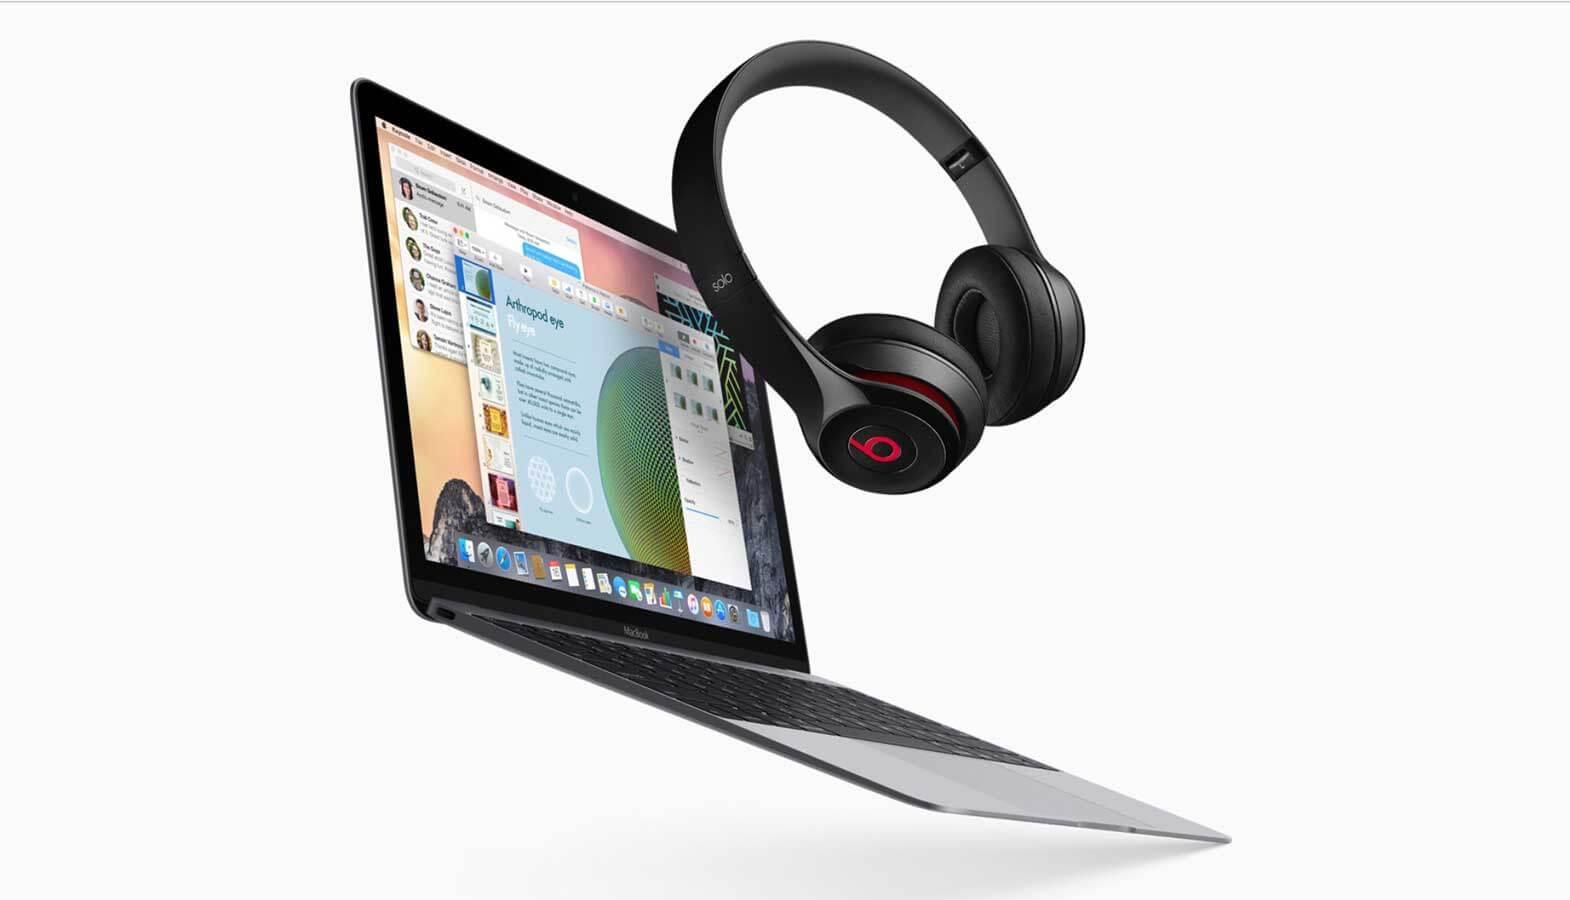 Macbook tek kulaklıktan ses gelmiyor Macbook'ta Tek Kulaklıktan Ses Gelmesi Macbook'ta Tek Kulaklıktan Ses Gelmesi macbook kulaklik sorunu